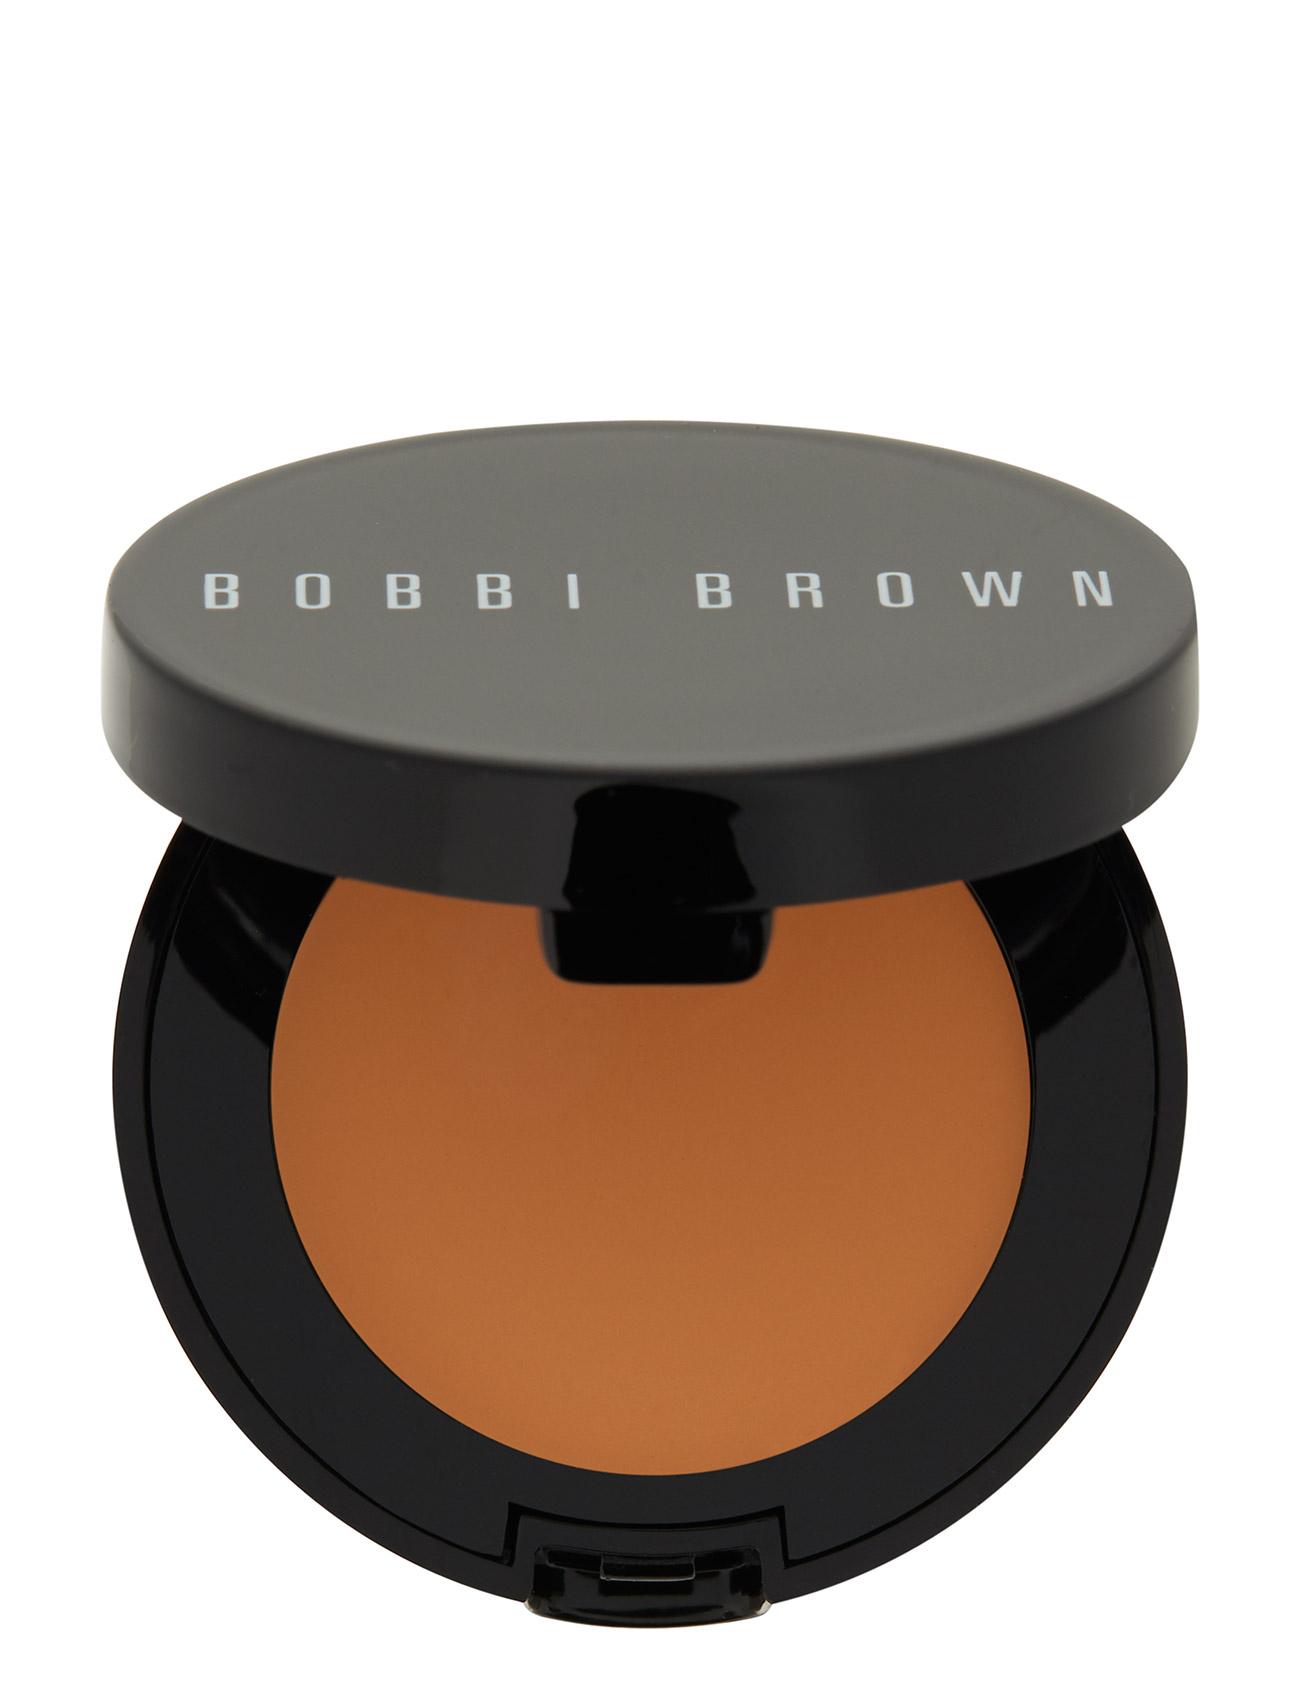 bobbi brown – Corrector, porcelain bisque fra boozt.com dk